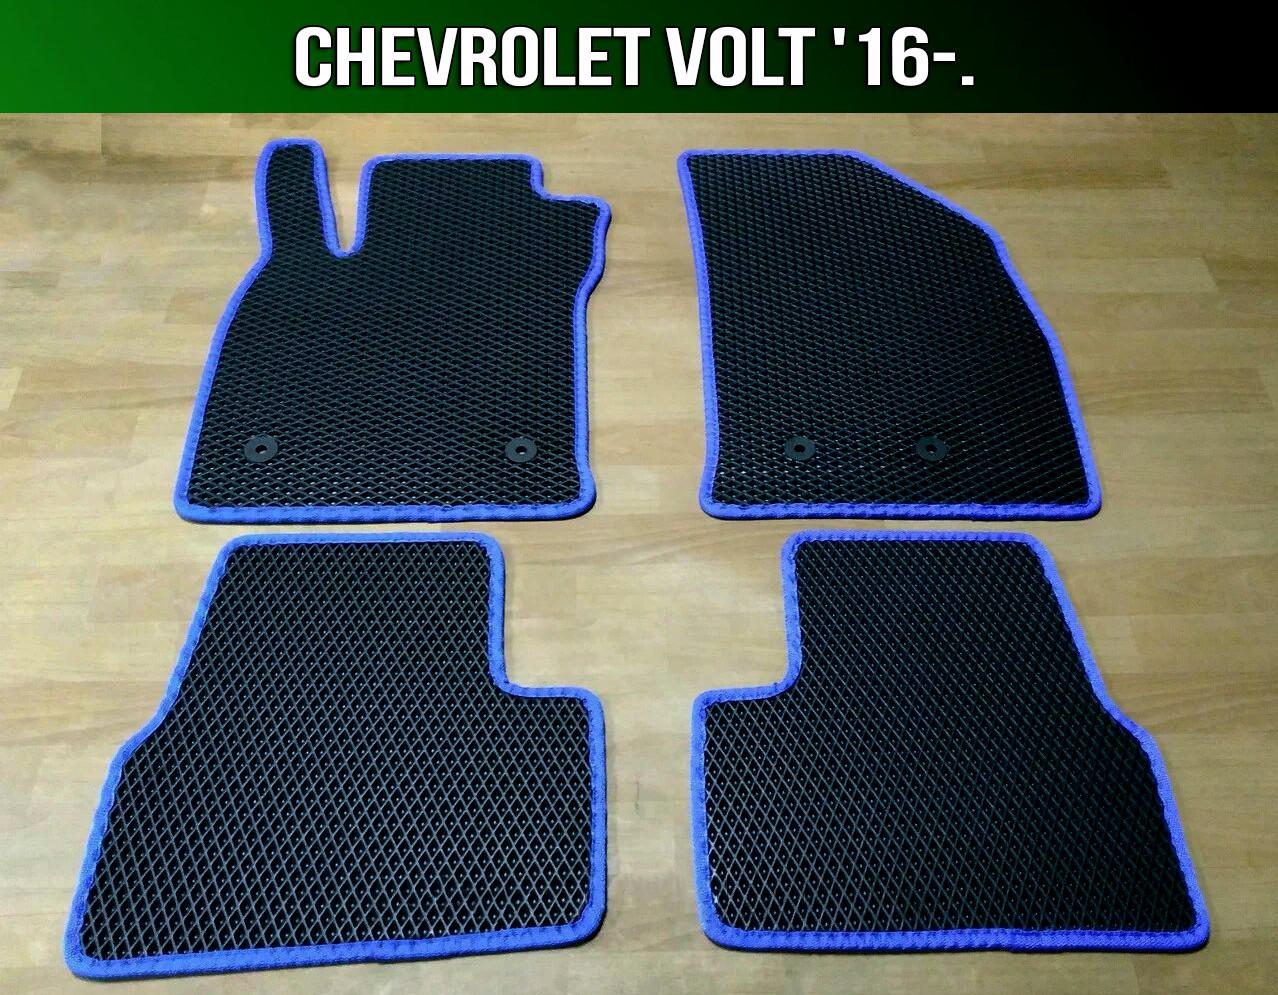 ЕВА коврики на Chevrolet Volt '16-. Ковры EVA Шевроле Вольт